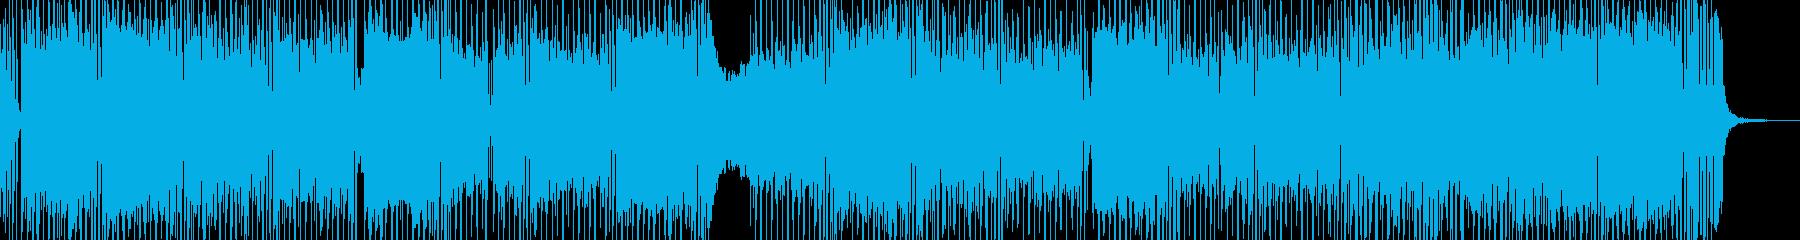 危機・鉄壁の3連符テクノ エレキギター有の再生済みの波形